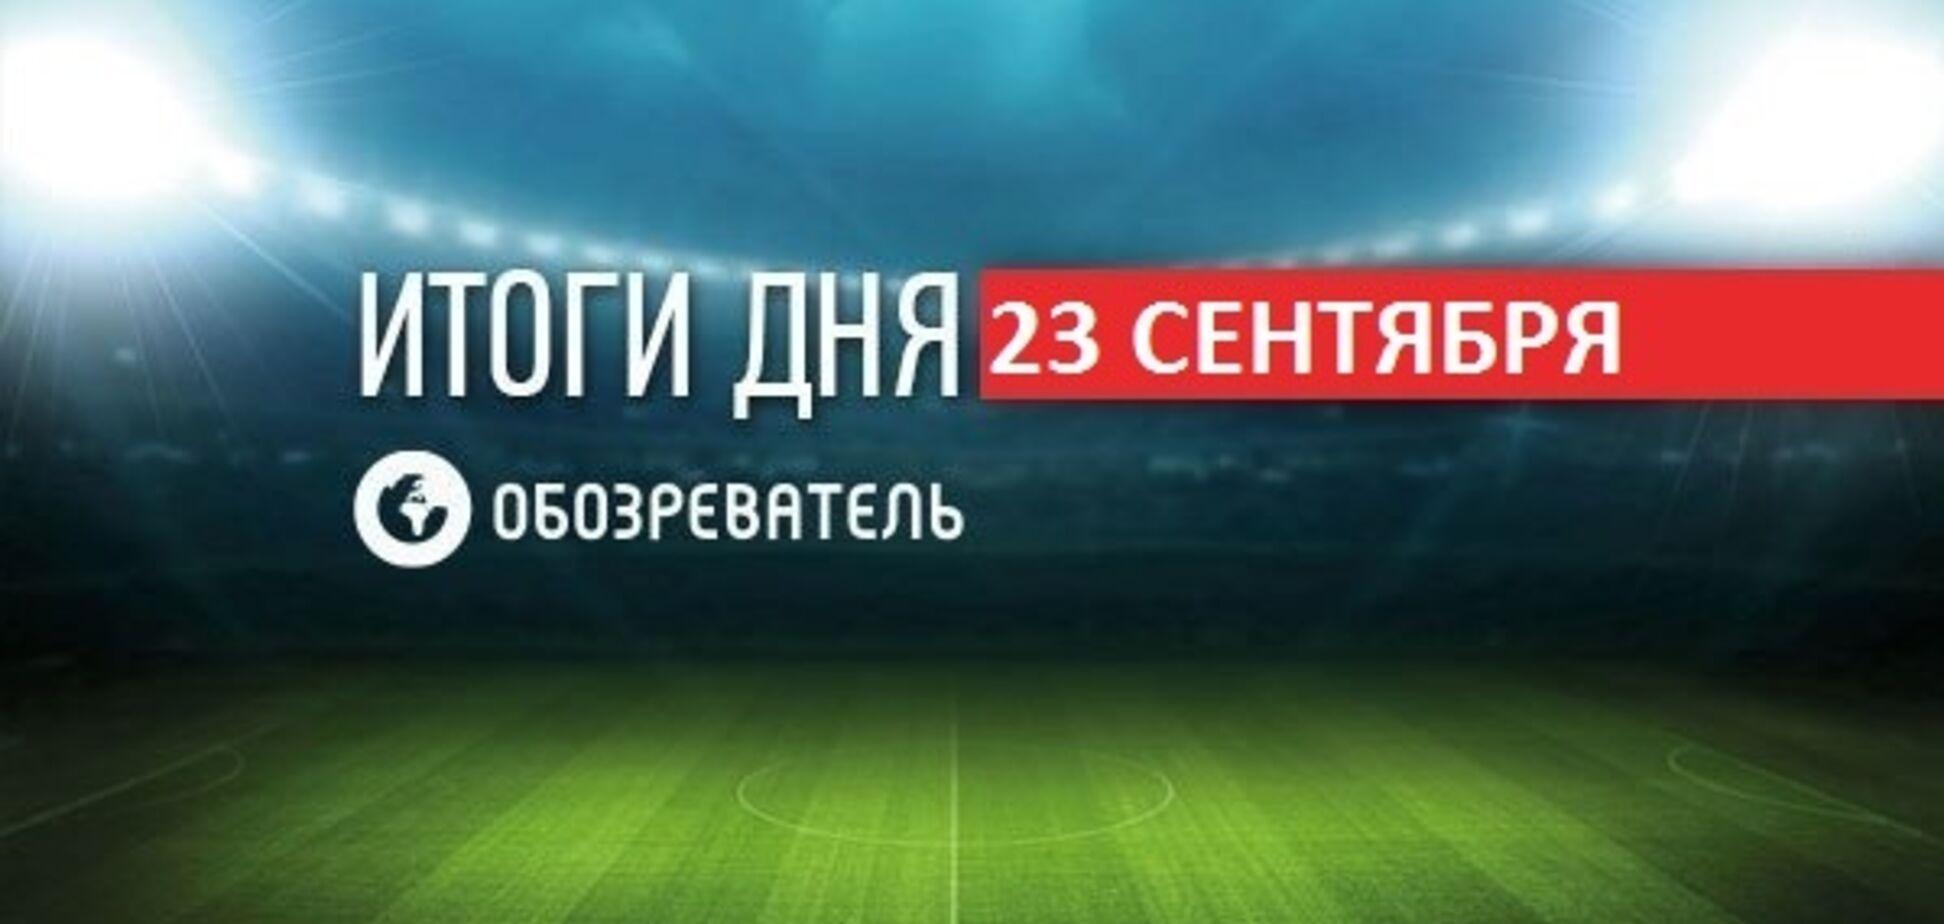 Показан дебют Усика в супертяжах: спортивные итоги 23 сентября